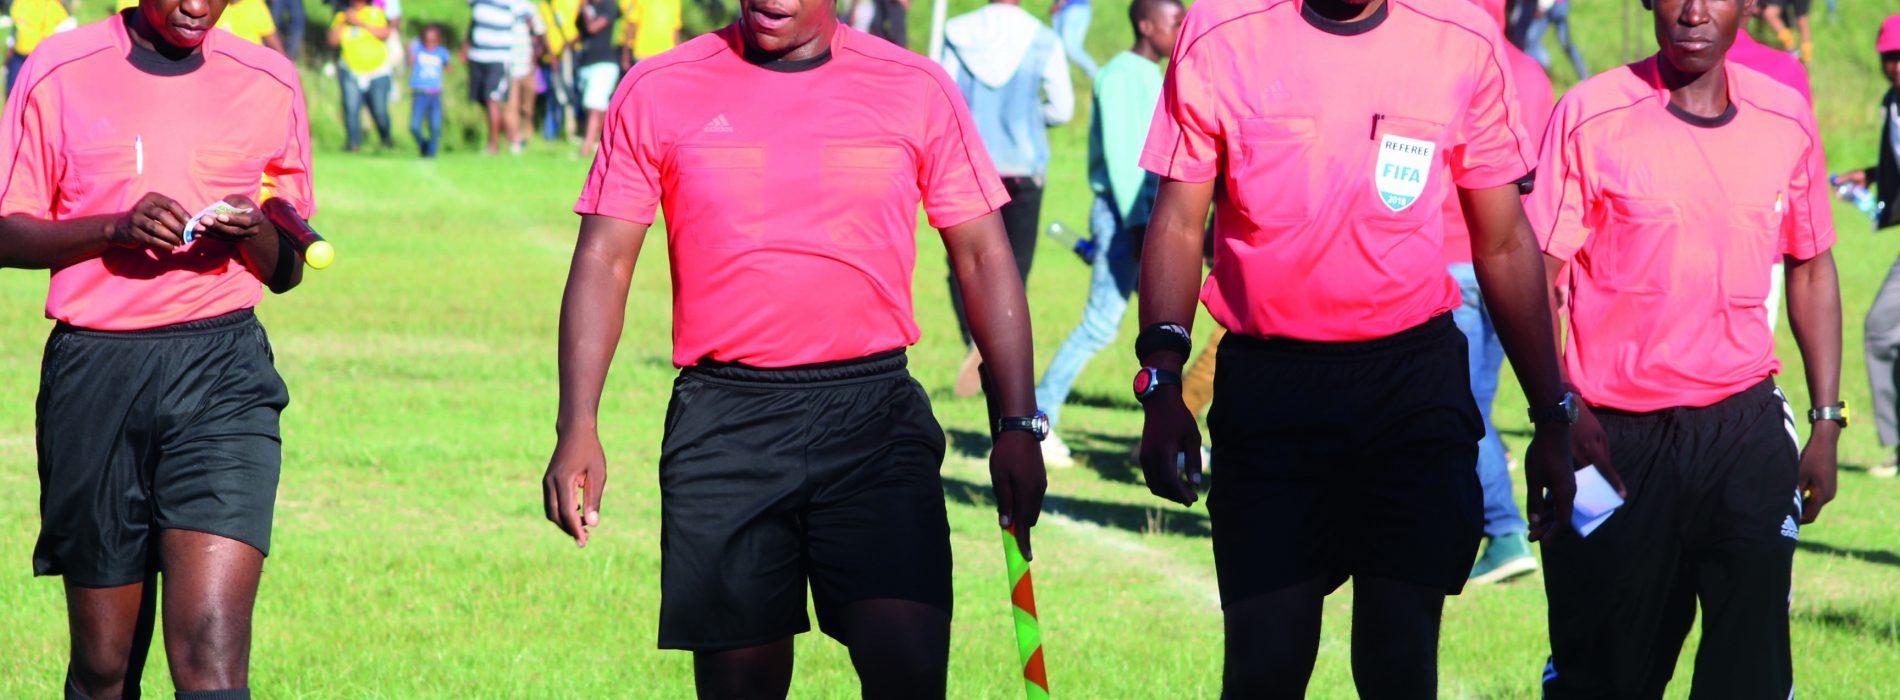 Match  officials  not paid